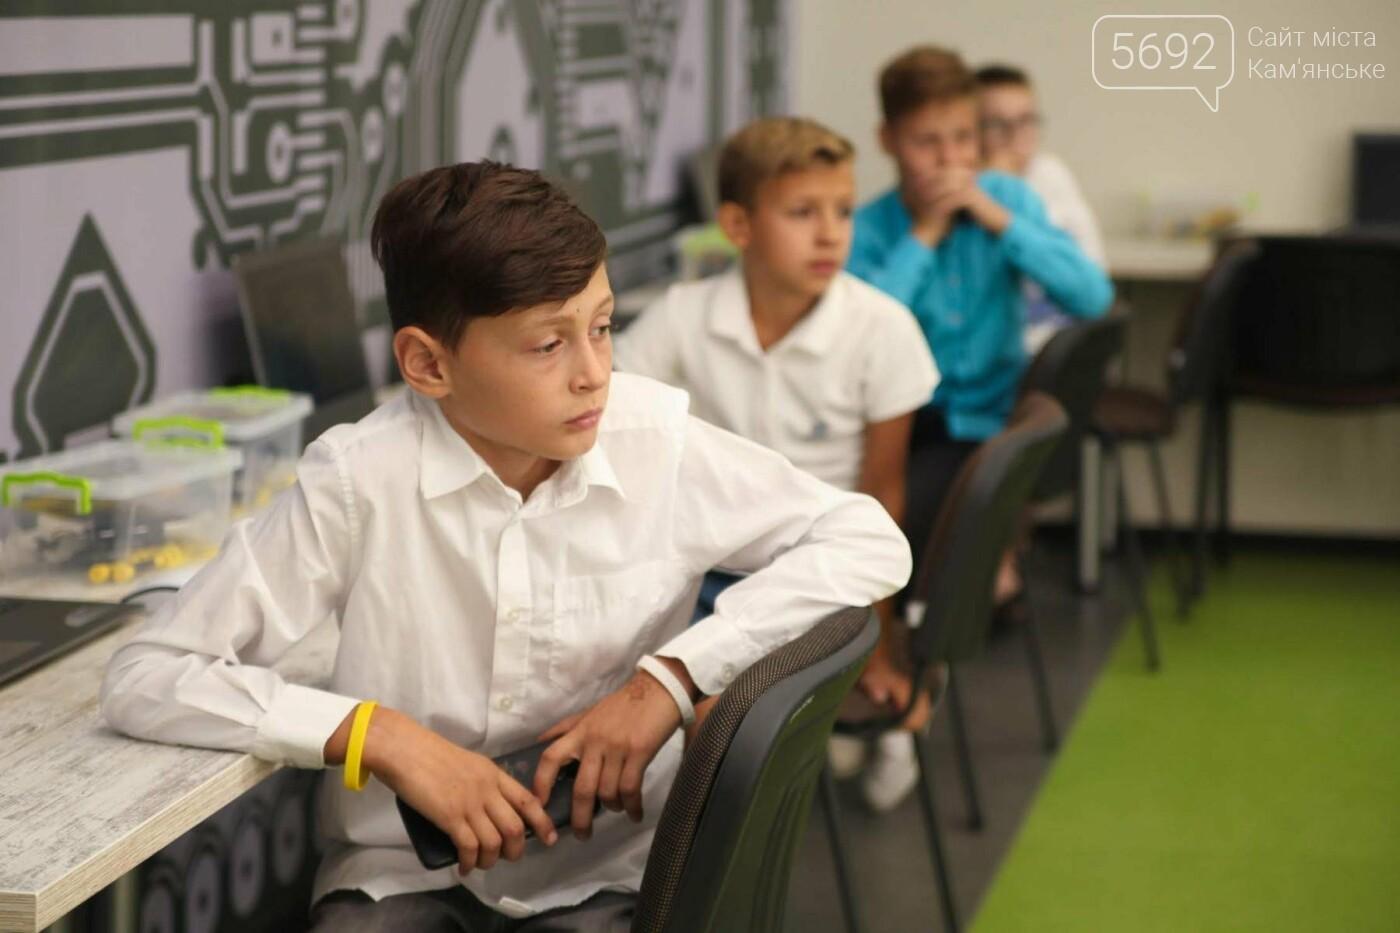 В Каменском открыли бесплатную Школу Робототехники, фото-10